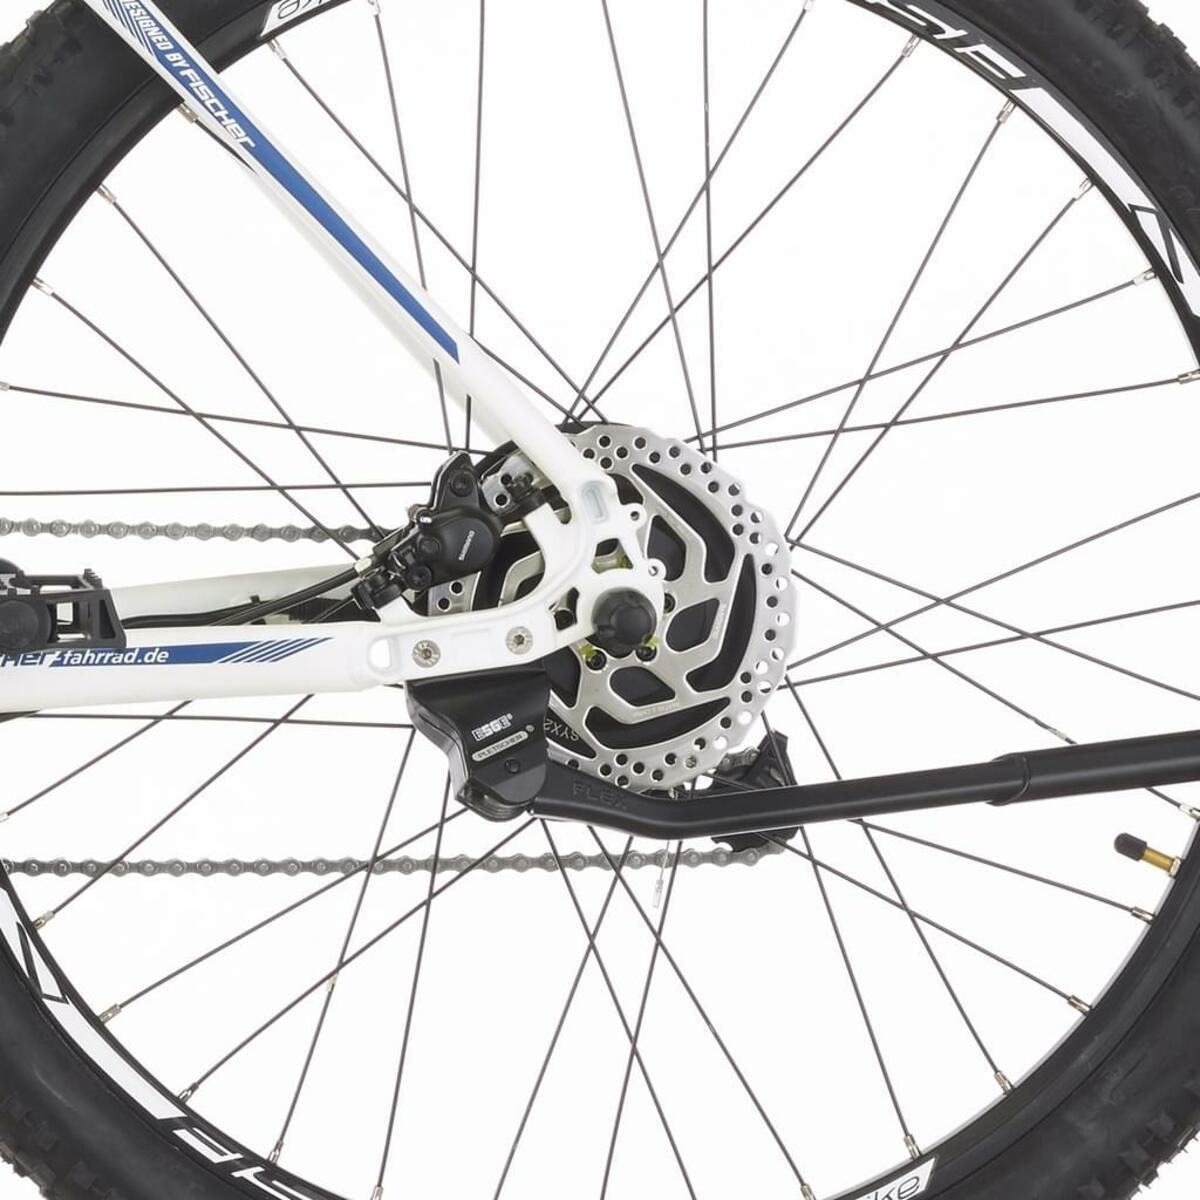 Bild 5 von Fischer E-Mountainbike MONTIS 2.0, 27,5 Zoll, perlweiß matt